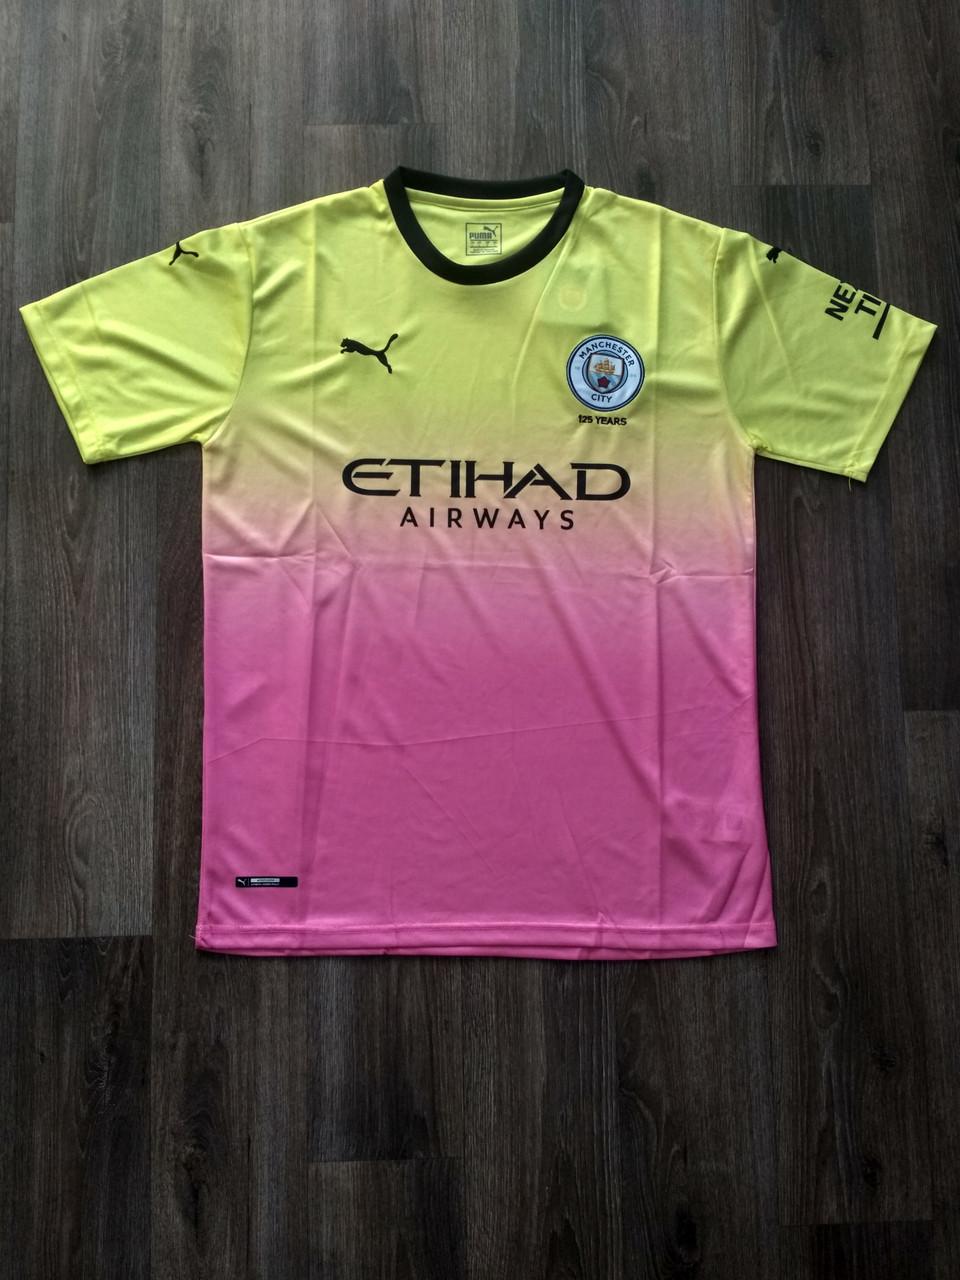 Тренировочная футболка игровая Манчестер Сити/Manchester City ( Англия, Премьер Лига ), резервная, сезон 19-20